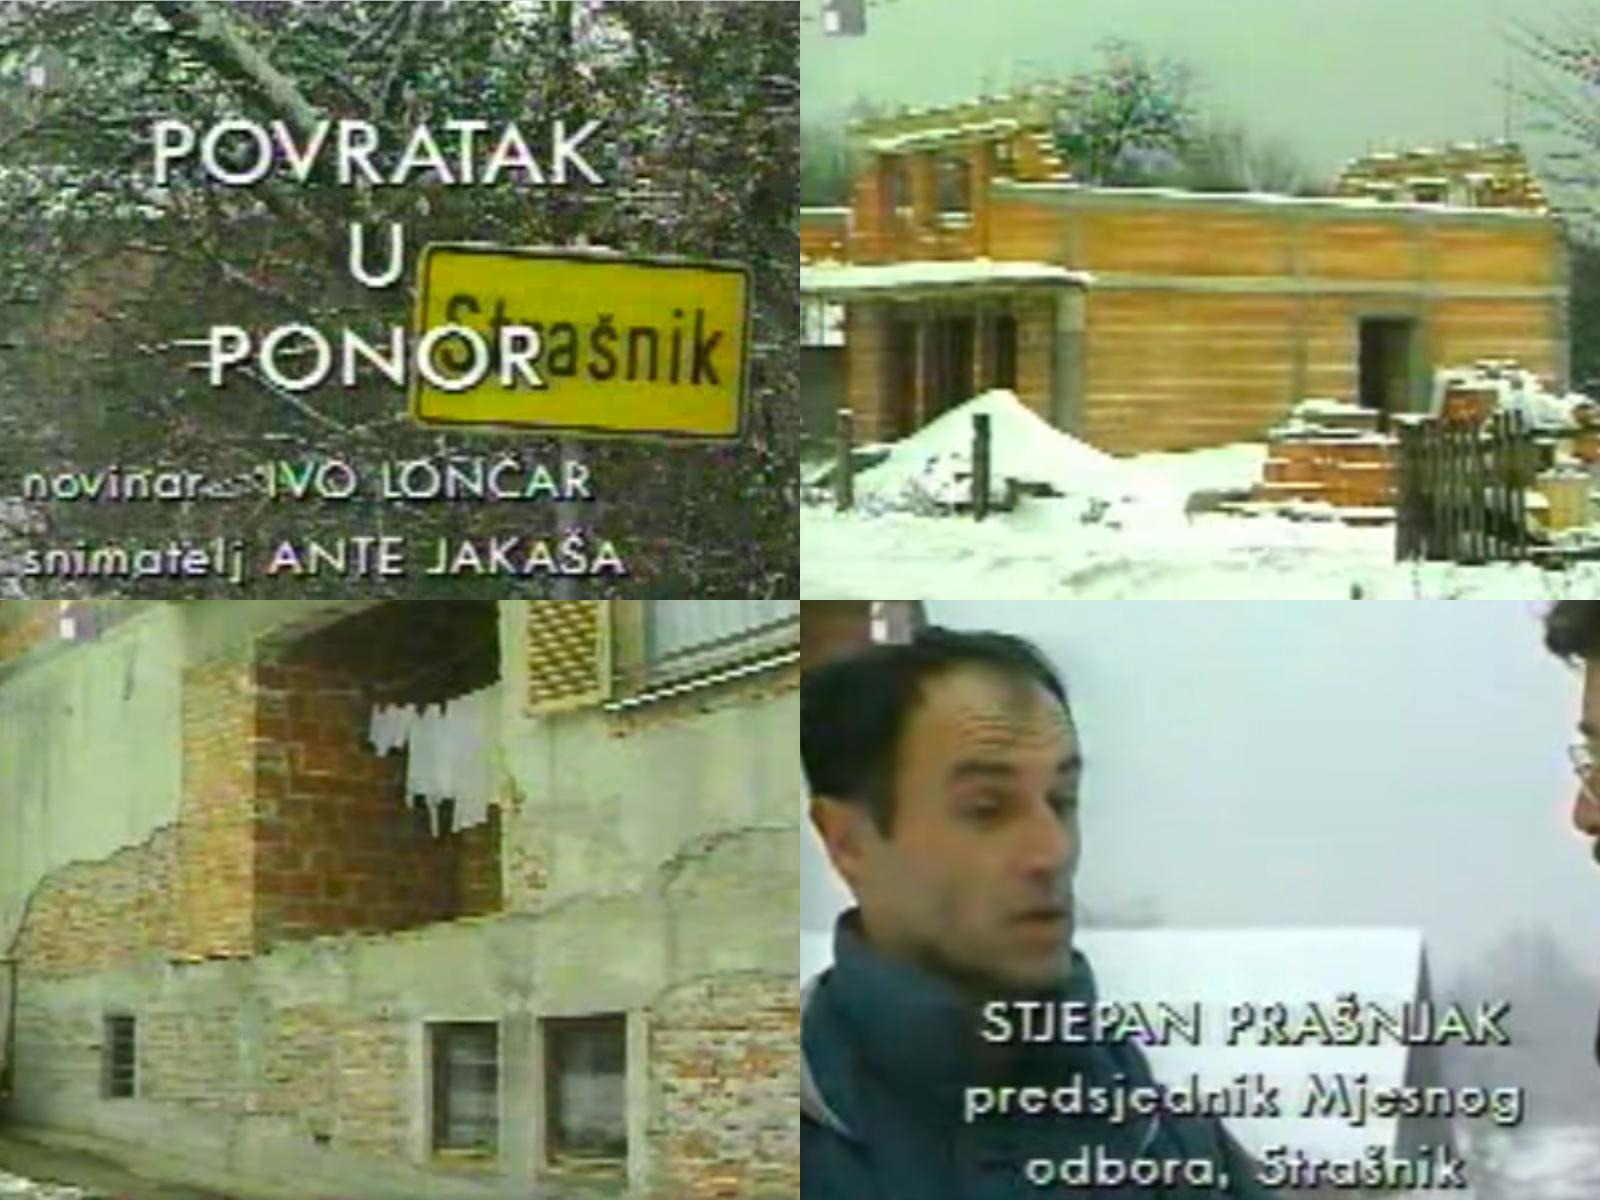 Strašnik: Pogledajte prilog pokojnog Lončara iz 1998. o kriminalu u obnovi na Banovini